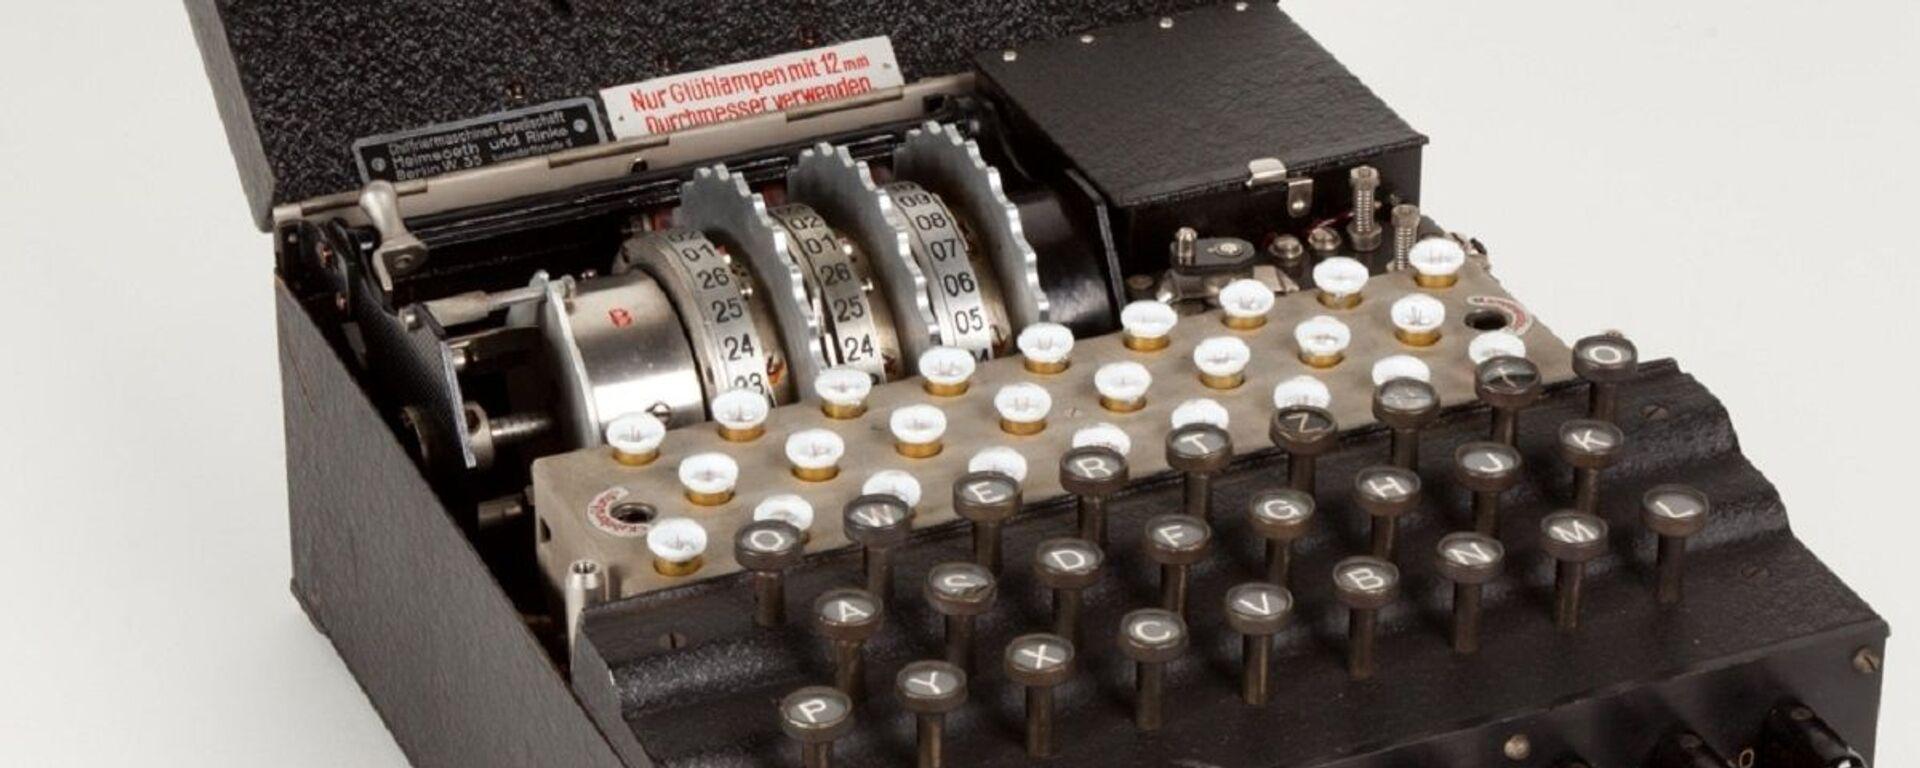 La máquina Enigma  - Sputnik Mundo, 1920, 05.12.2020